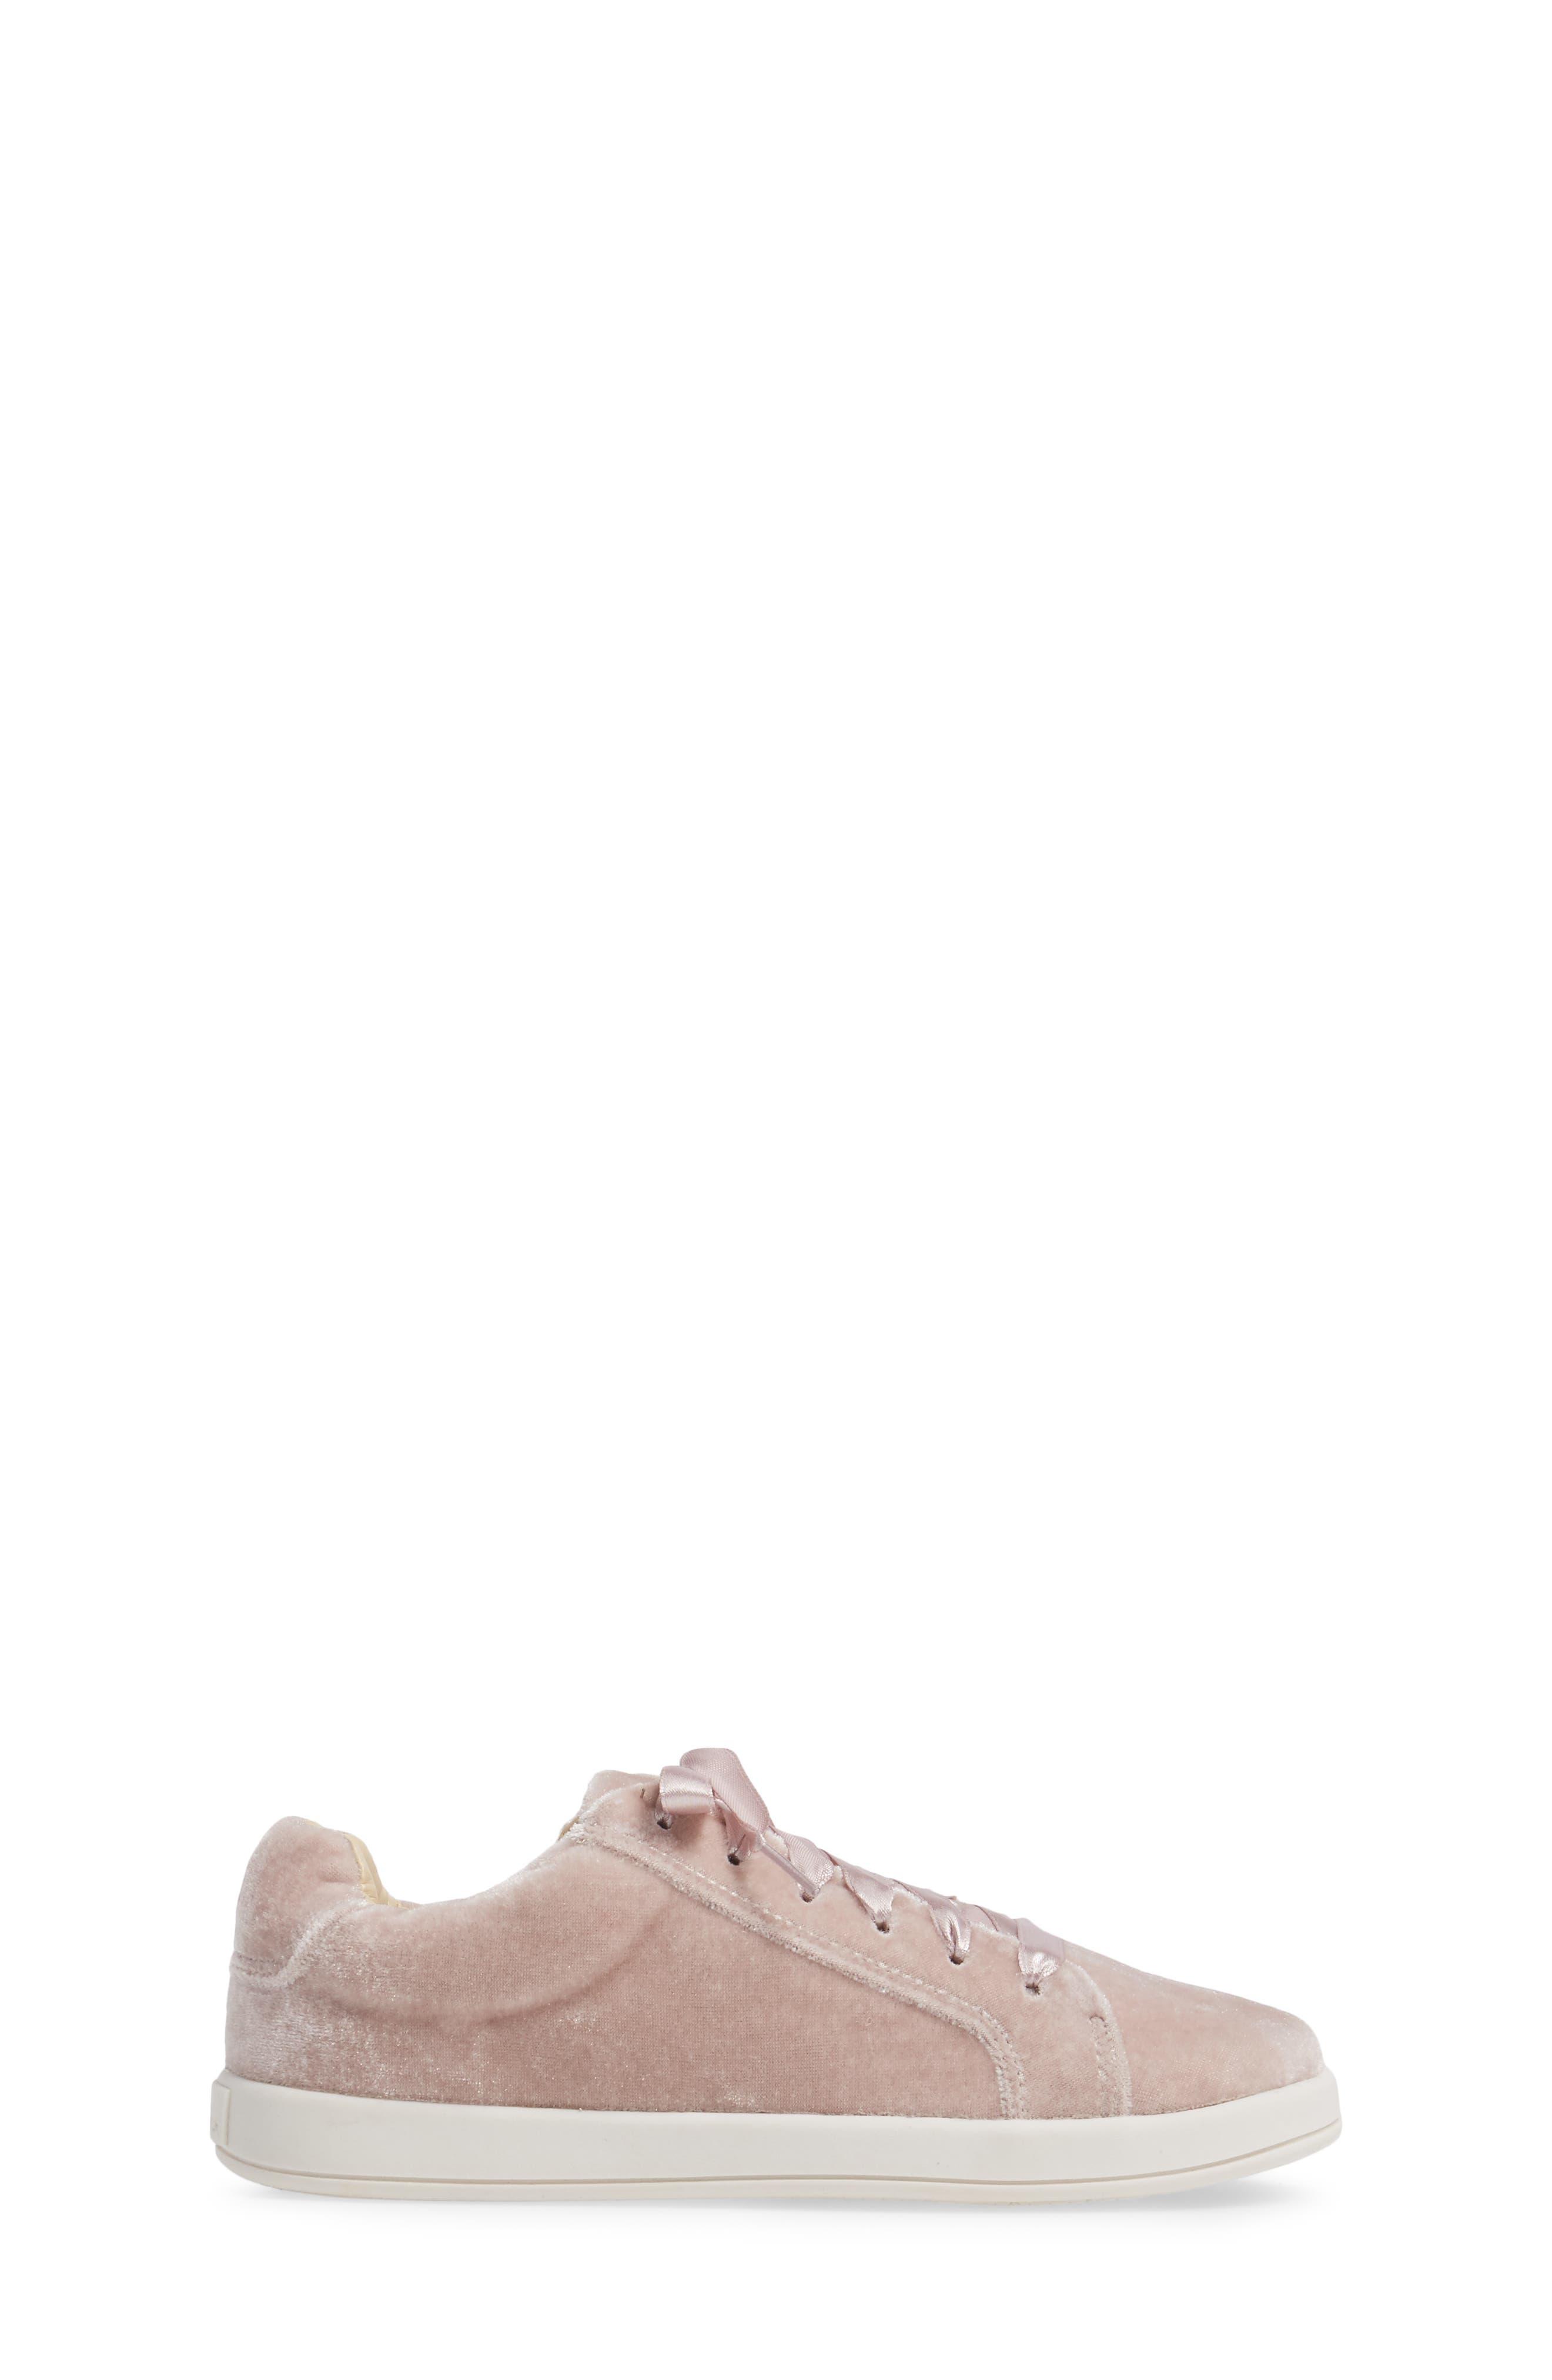 Cynthia Skye Sneaker,                             Alternate thumbnail 3, color,                             654